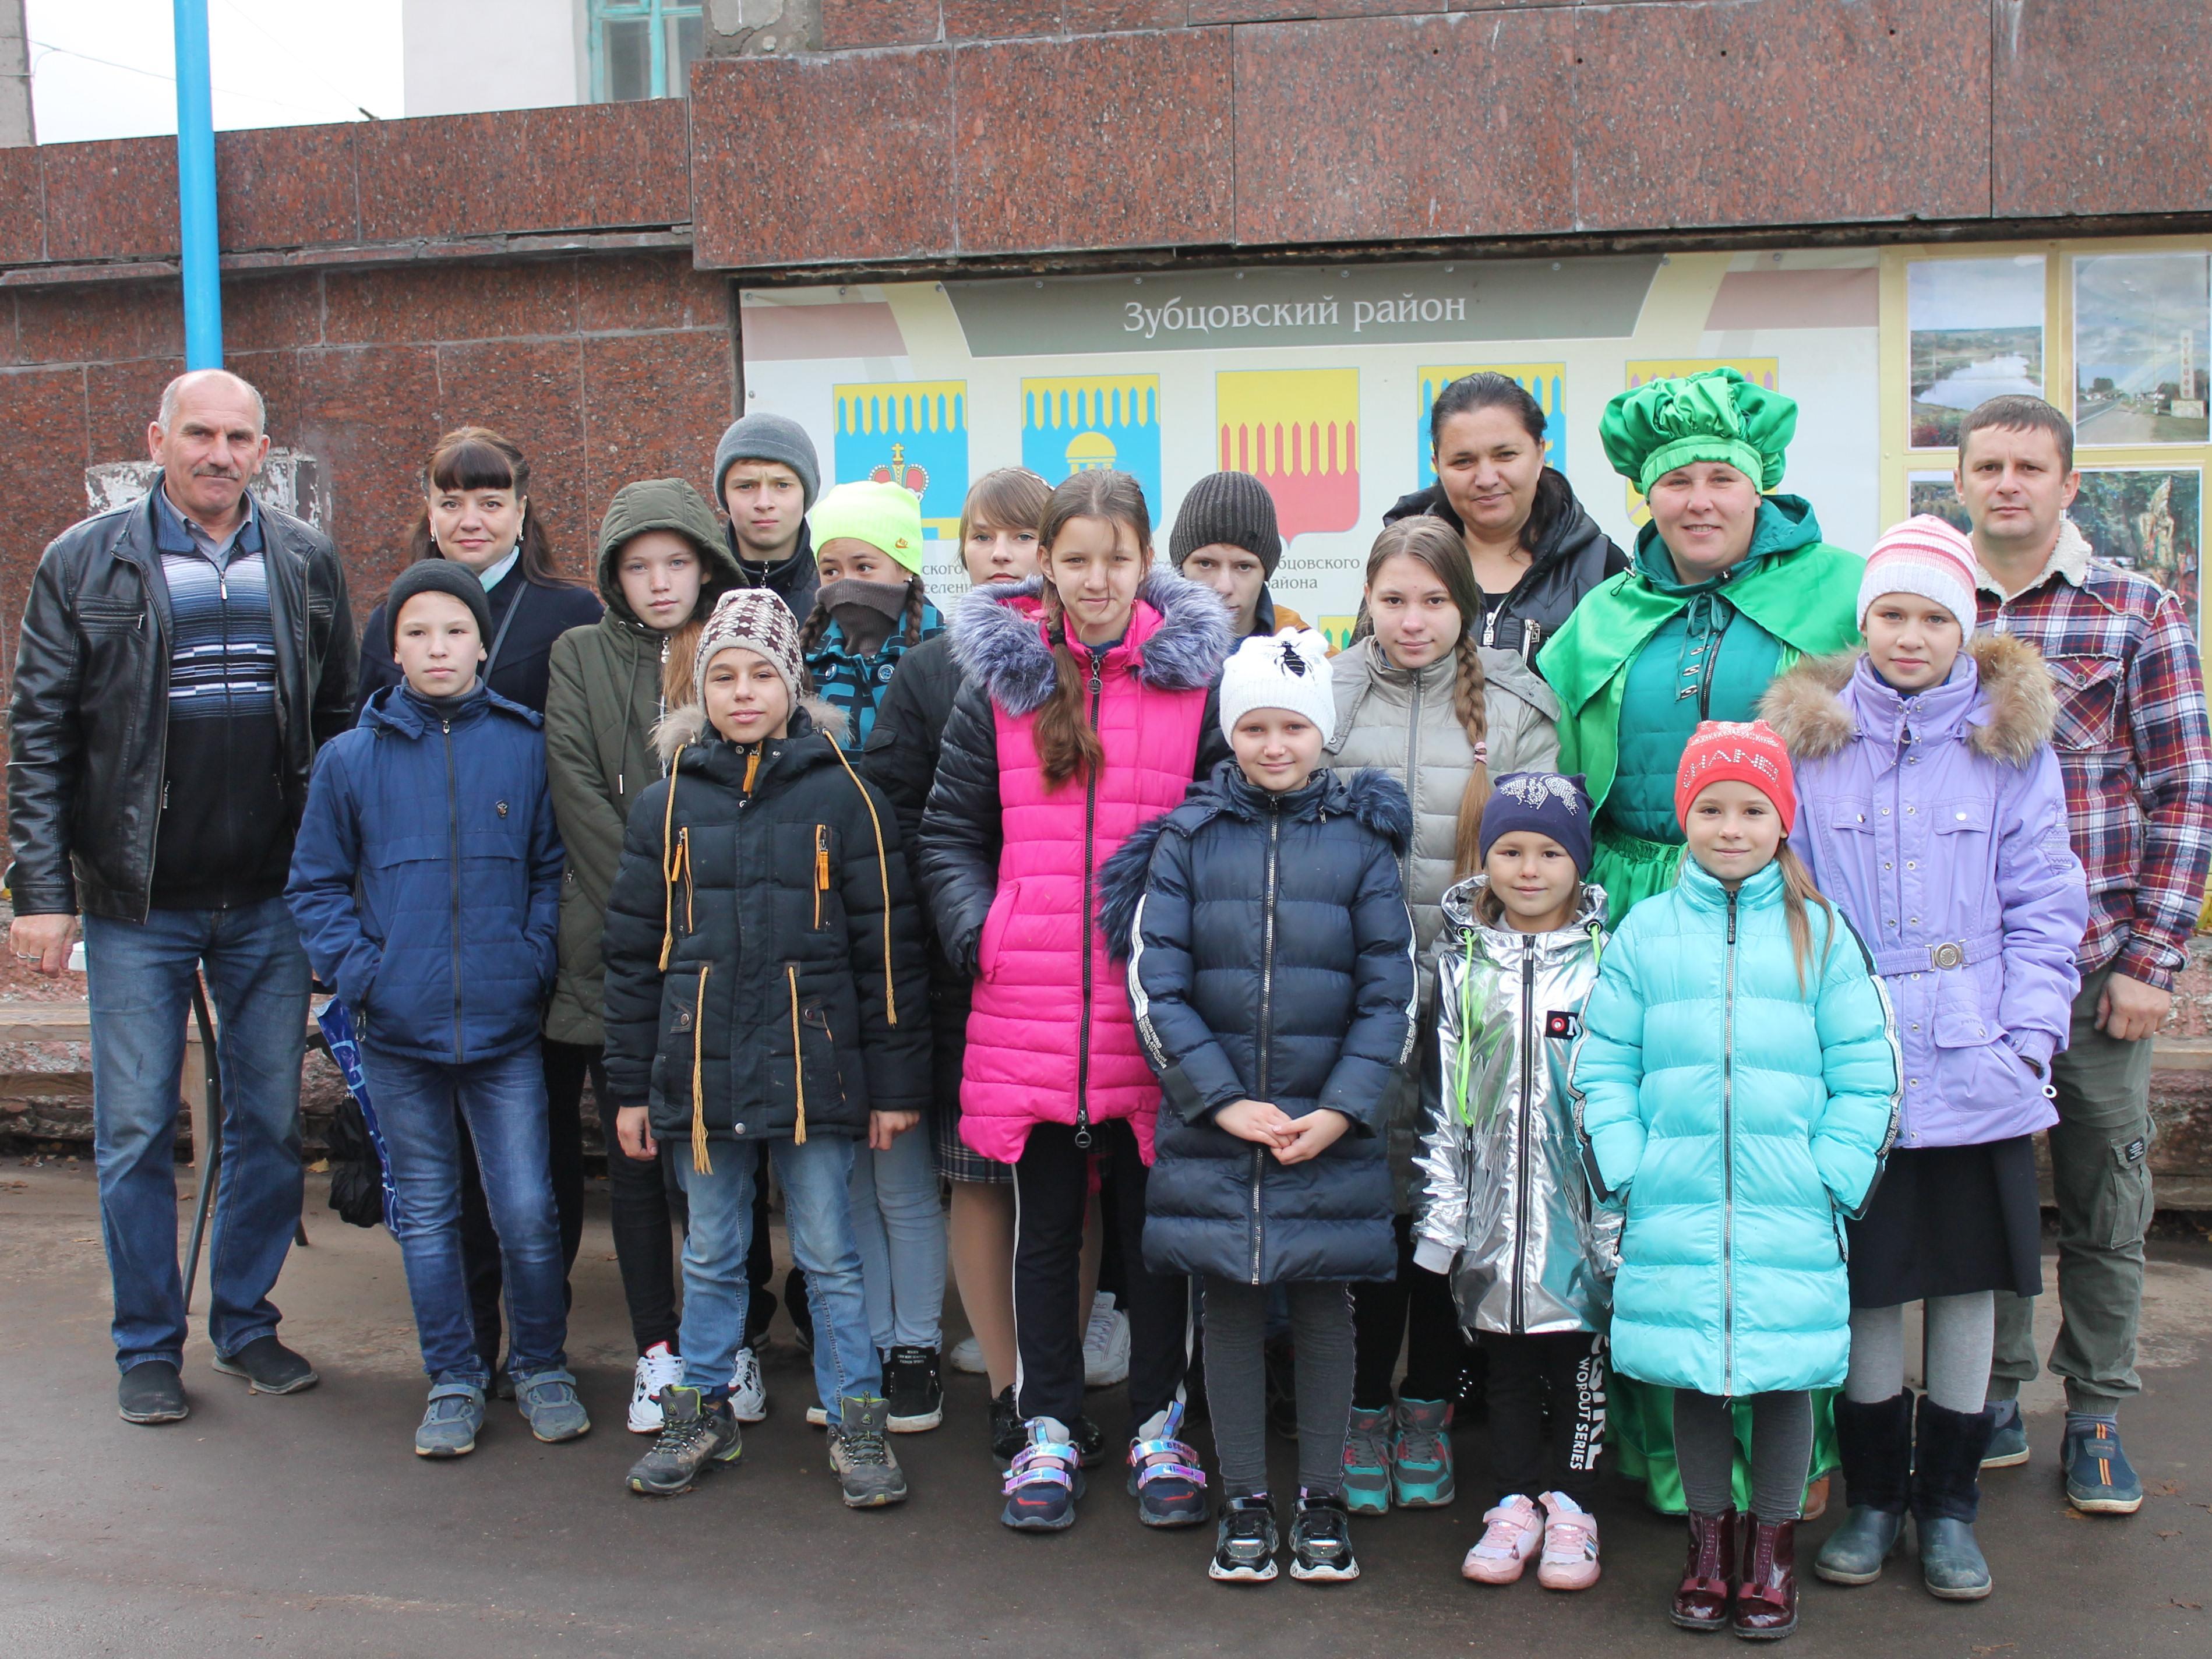 Участники «Школы фермеров» на фестивале «Барыня капуста-2019»